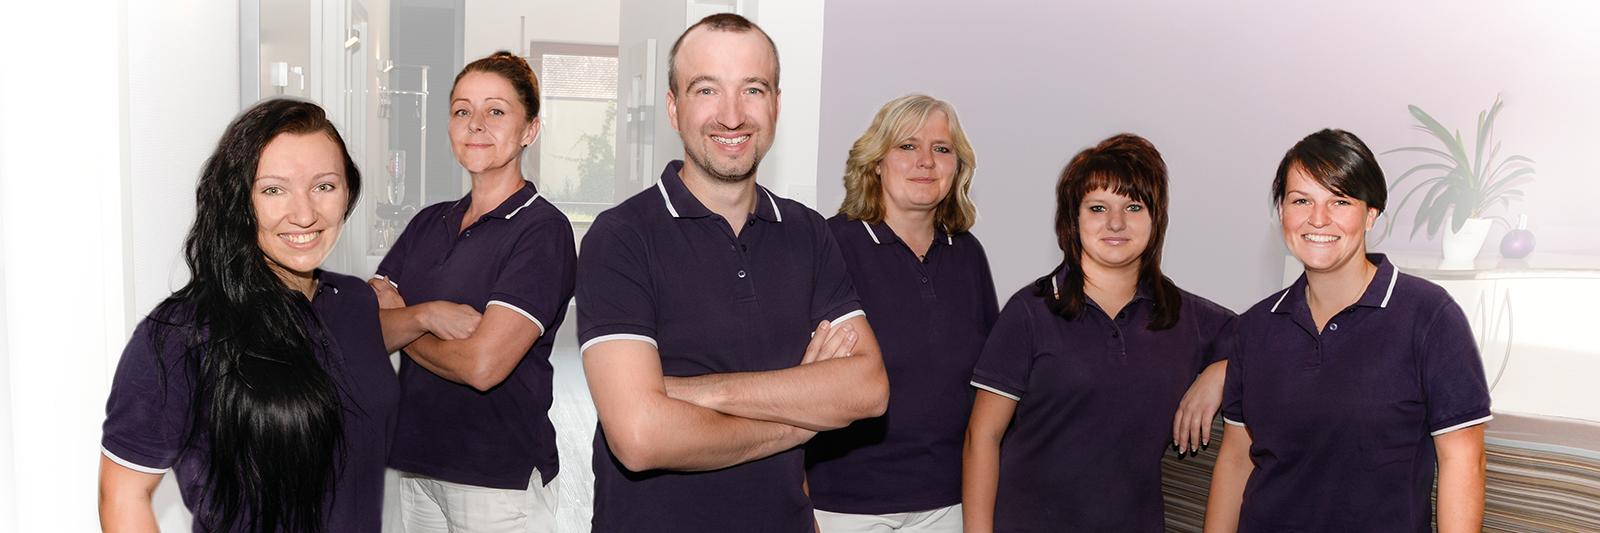 Das Zahnarzt Team aus Baiersdorf und sein Chef: Dr. Trabandt